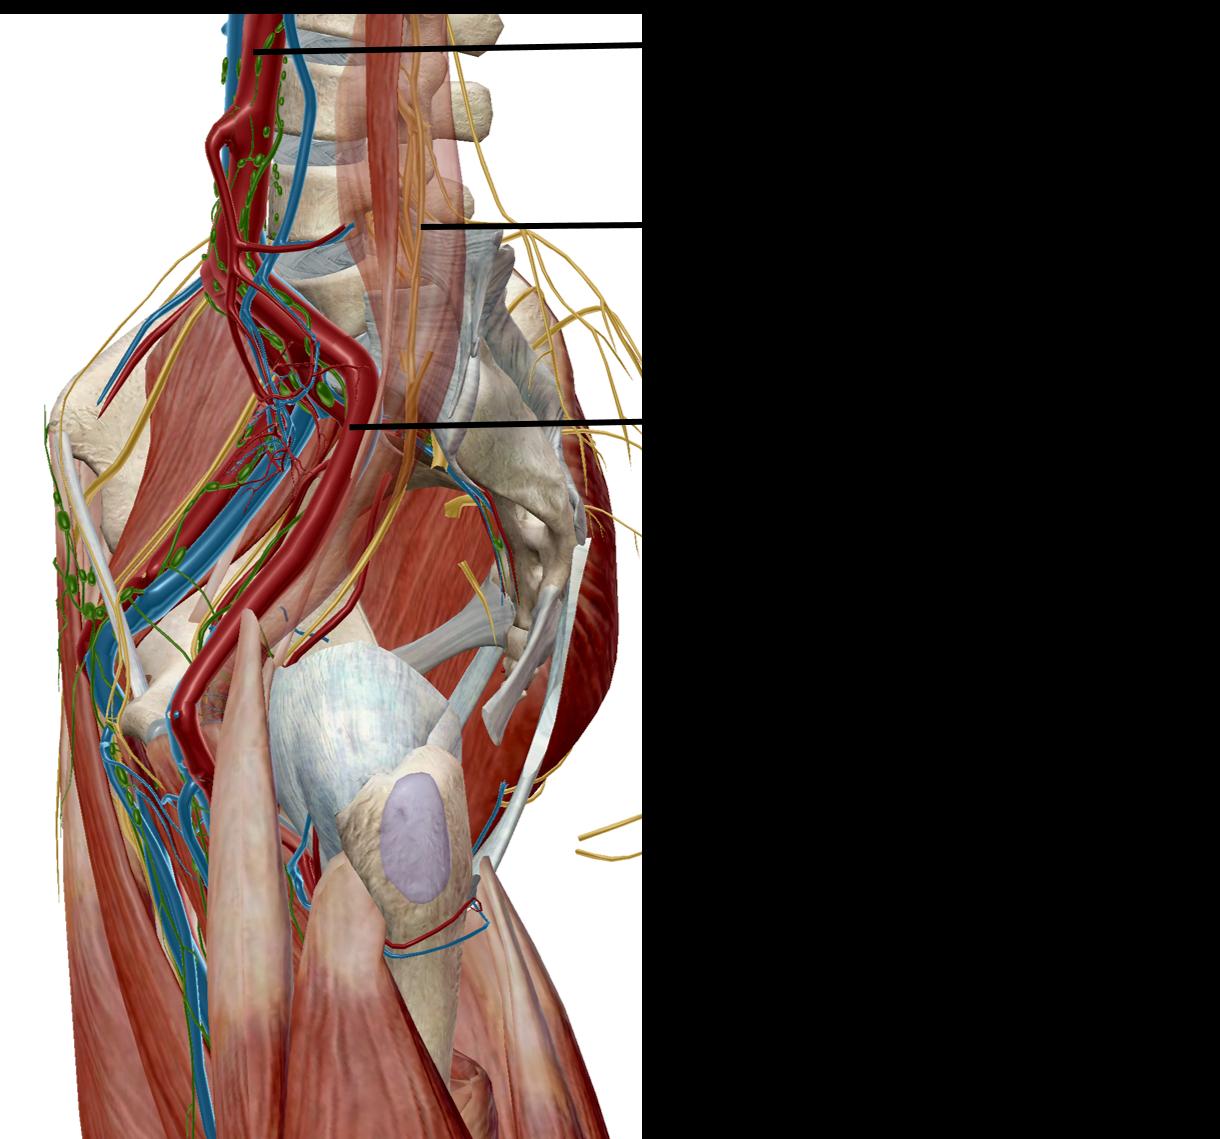 Outstanding External Iliac Image - Human Anatomy Images ...